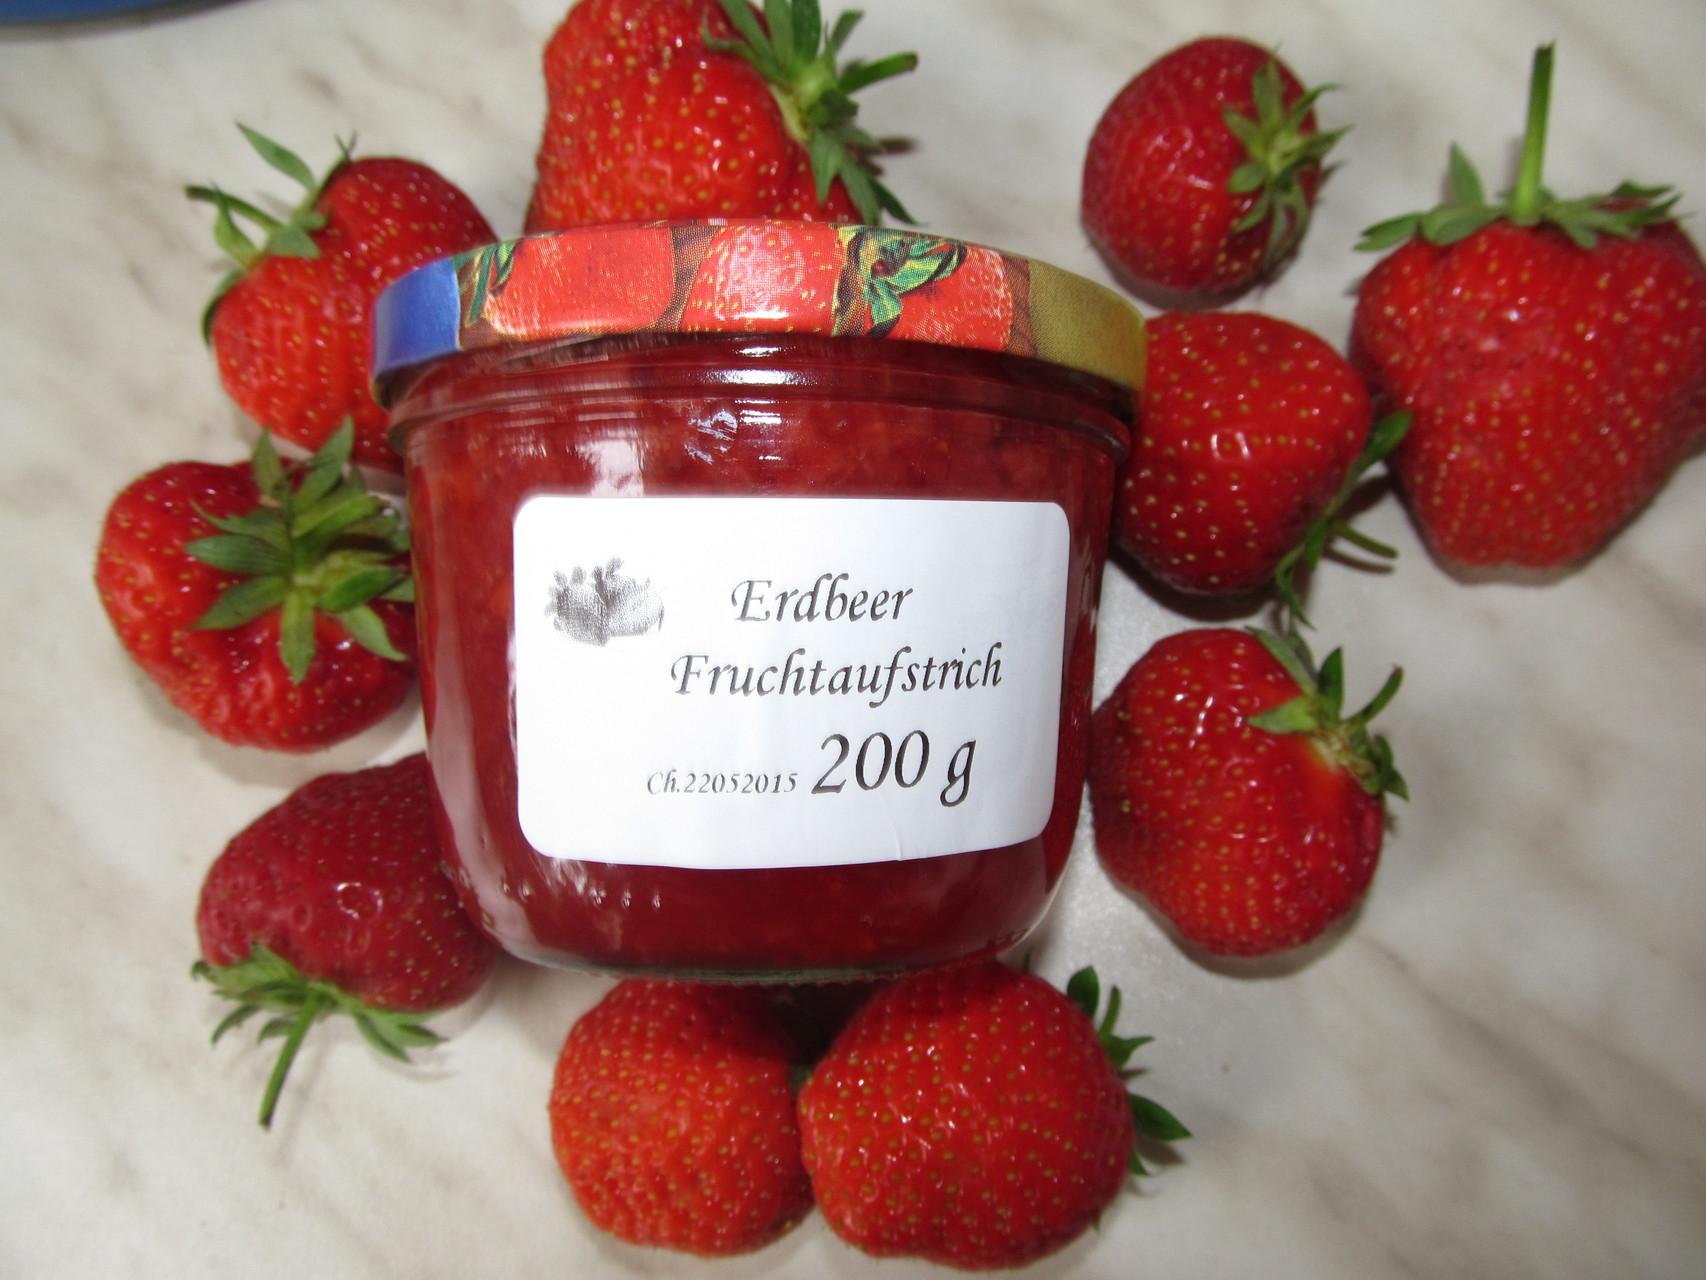 Unsere fertige Marmelade. 20 Cent Pfand gibt es bei Abgabe des leeren Glases zurück. Wir sind Bedacht auf die Umwelt.